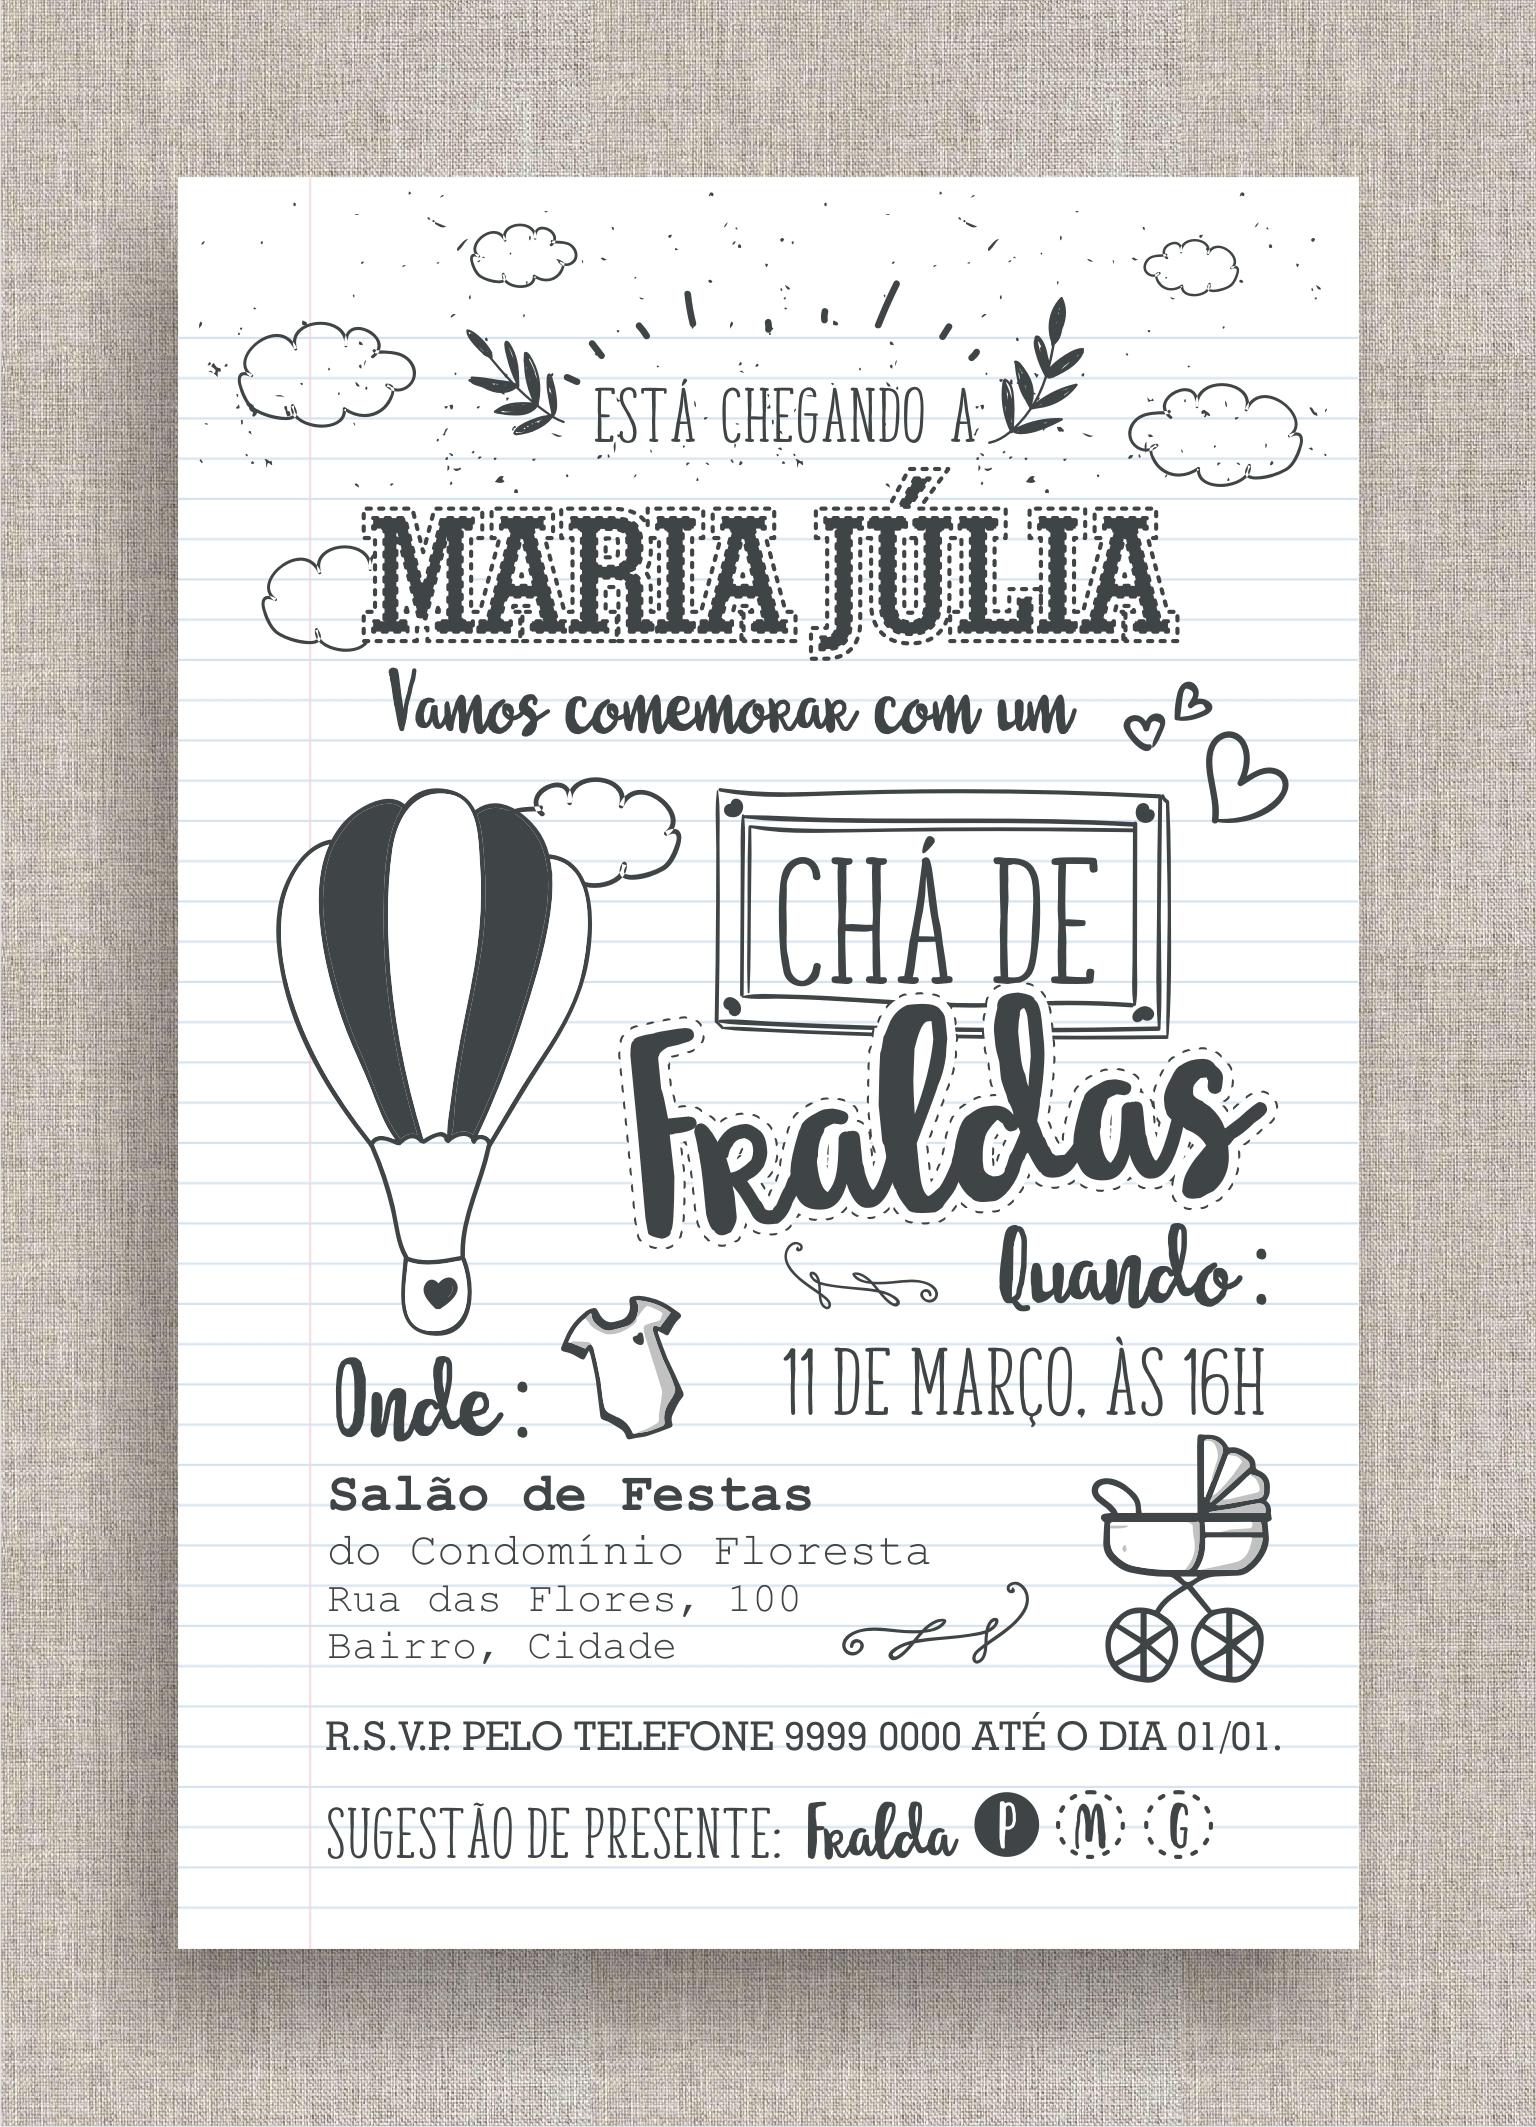 Super Convite Digital Chá de Fraldas 42 no Elo7 | A Ana Faz (7F3400) HV31